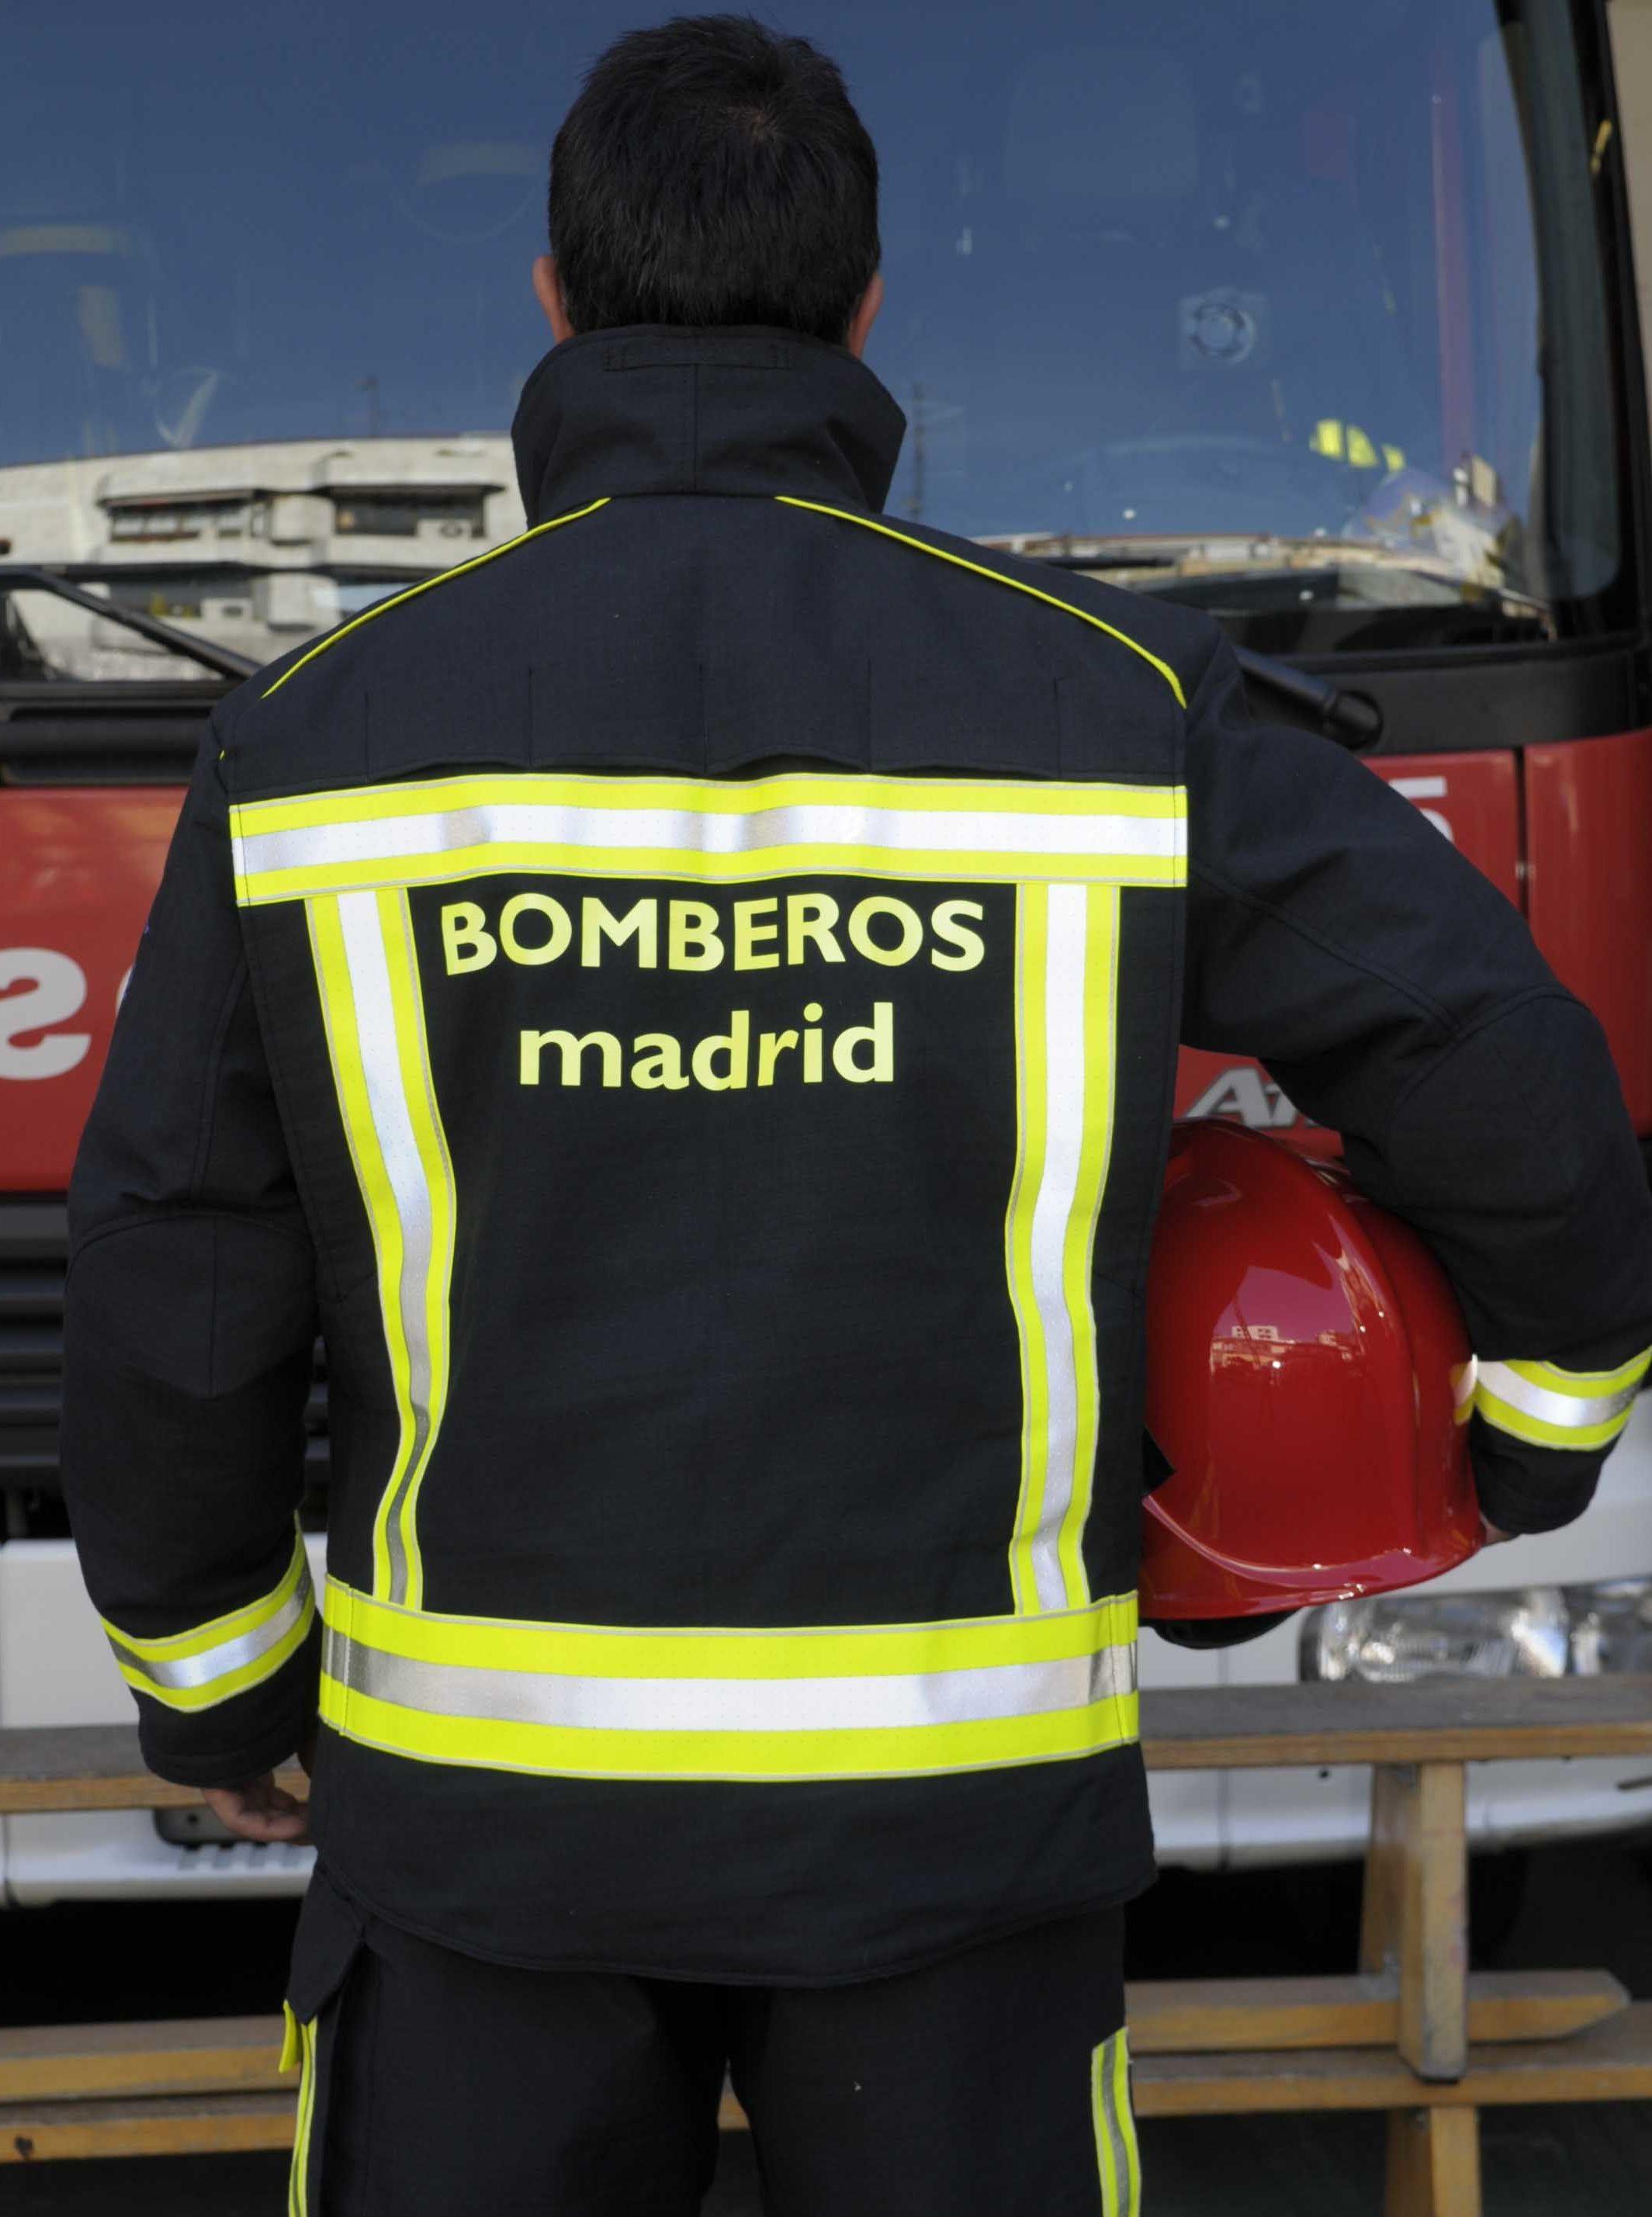 Bomberos dtos en A Tu Salud Arturo Soria